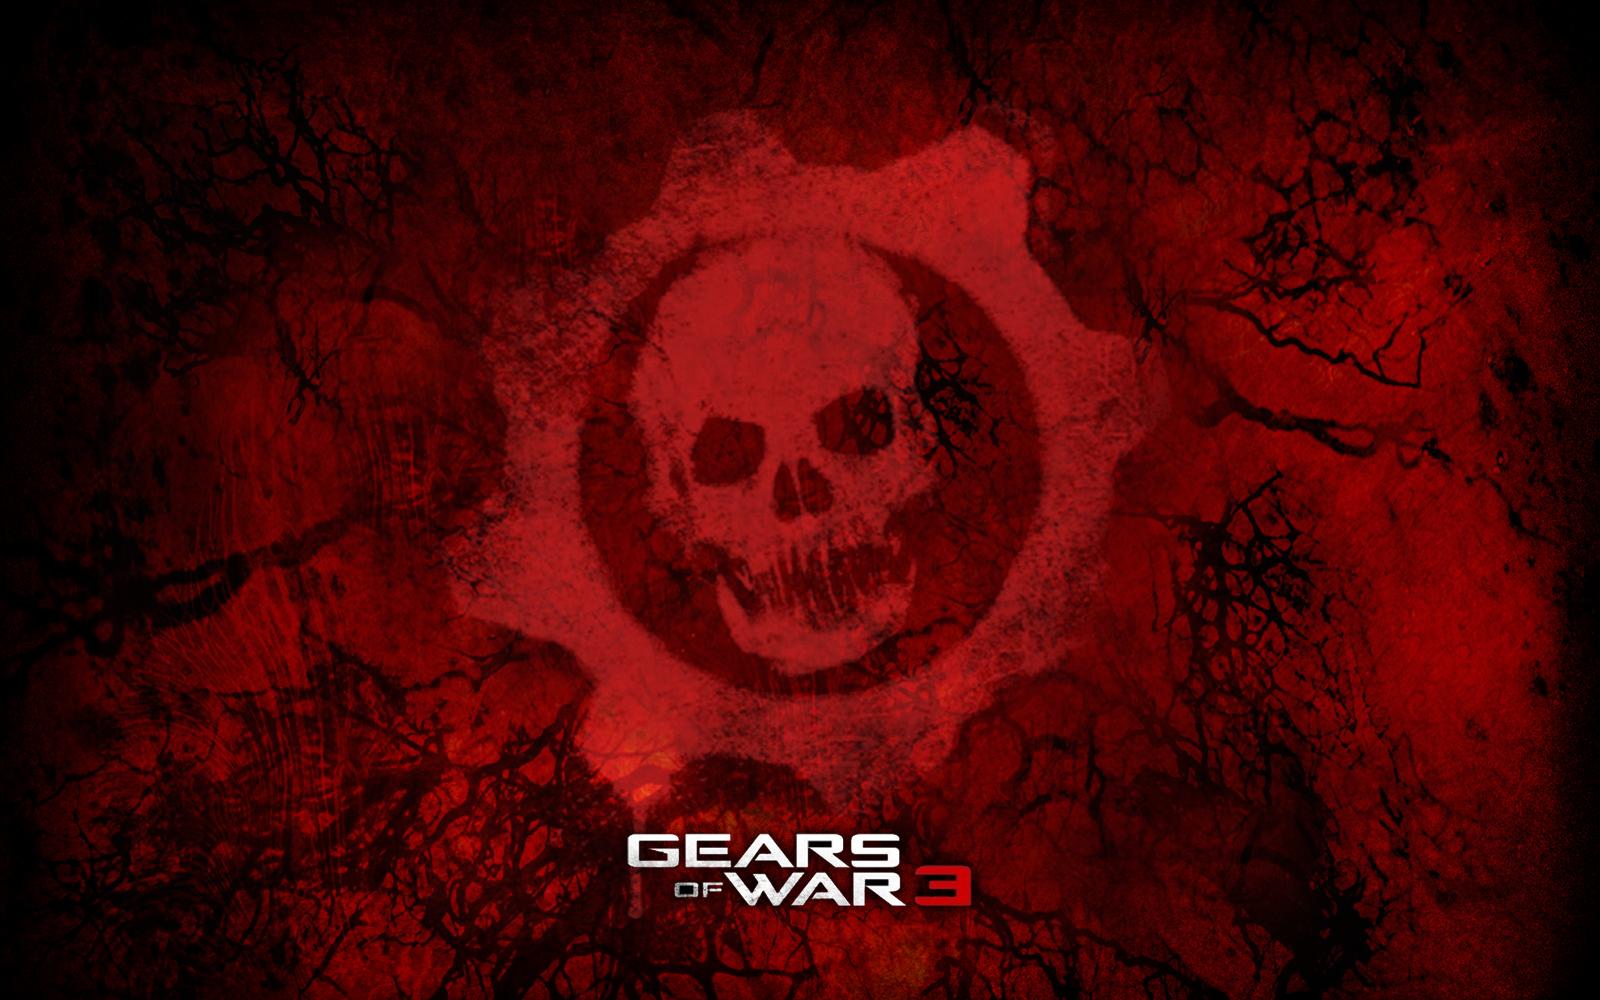 gears of war wallpaper 28276 1600x1000px